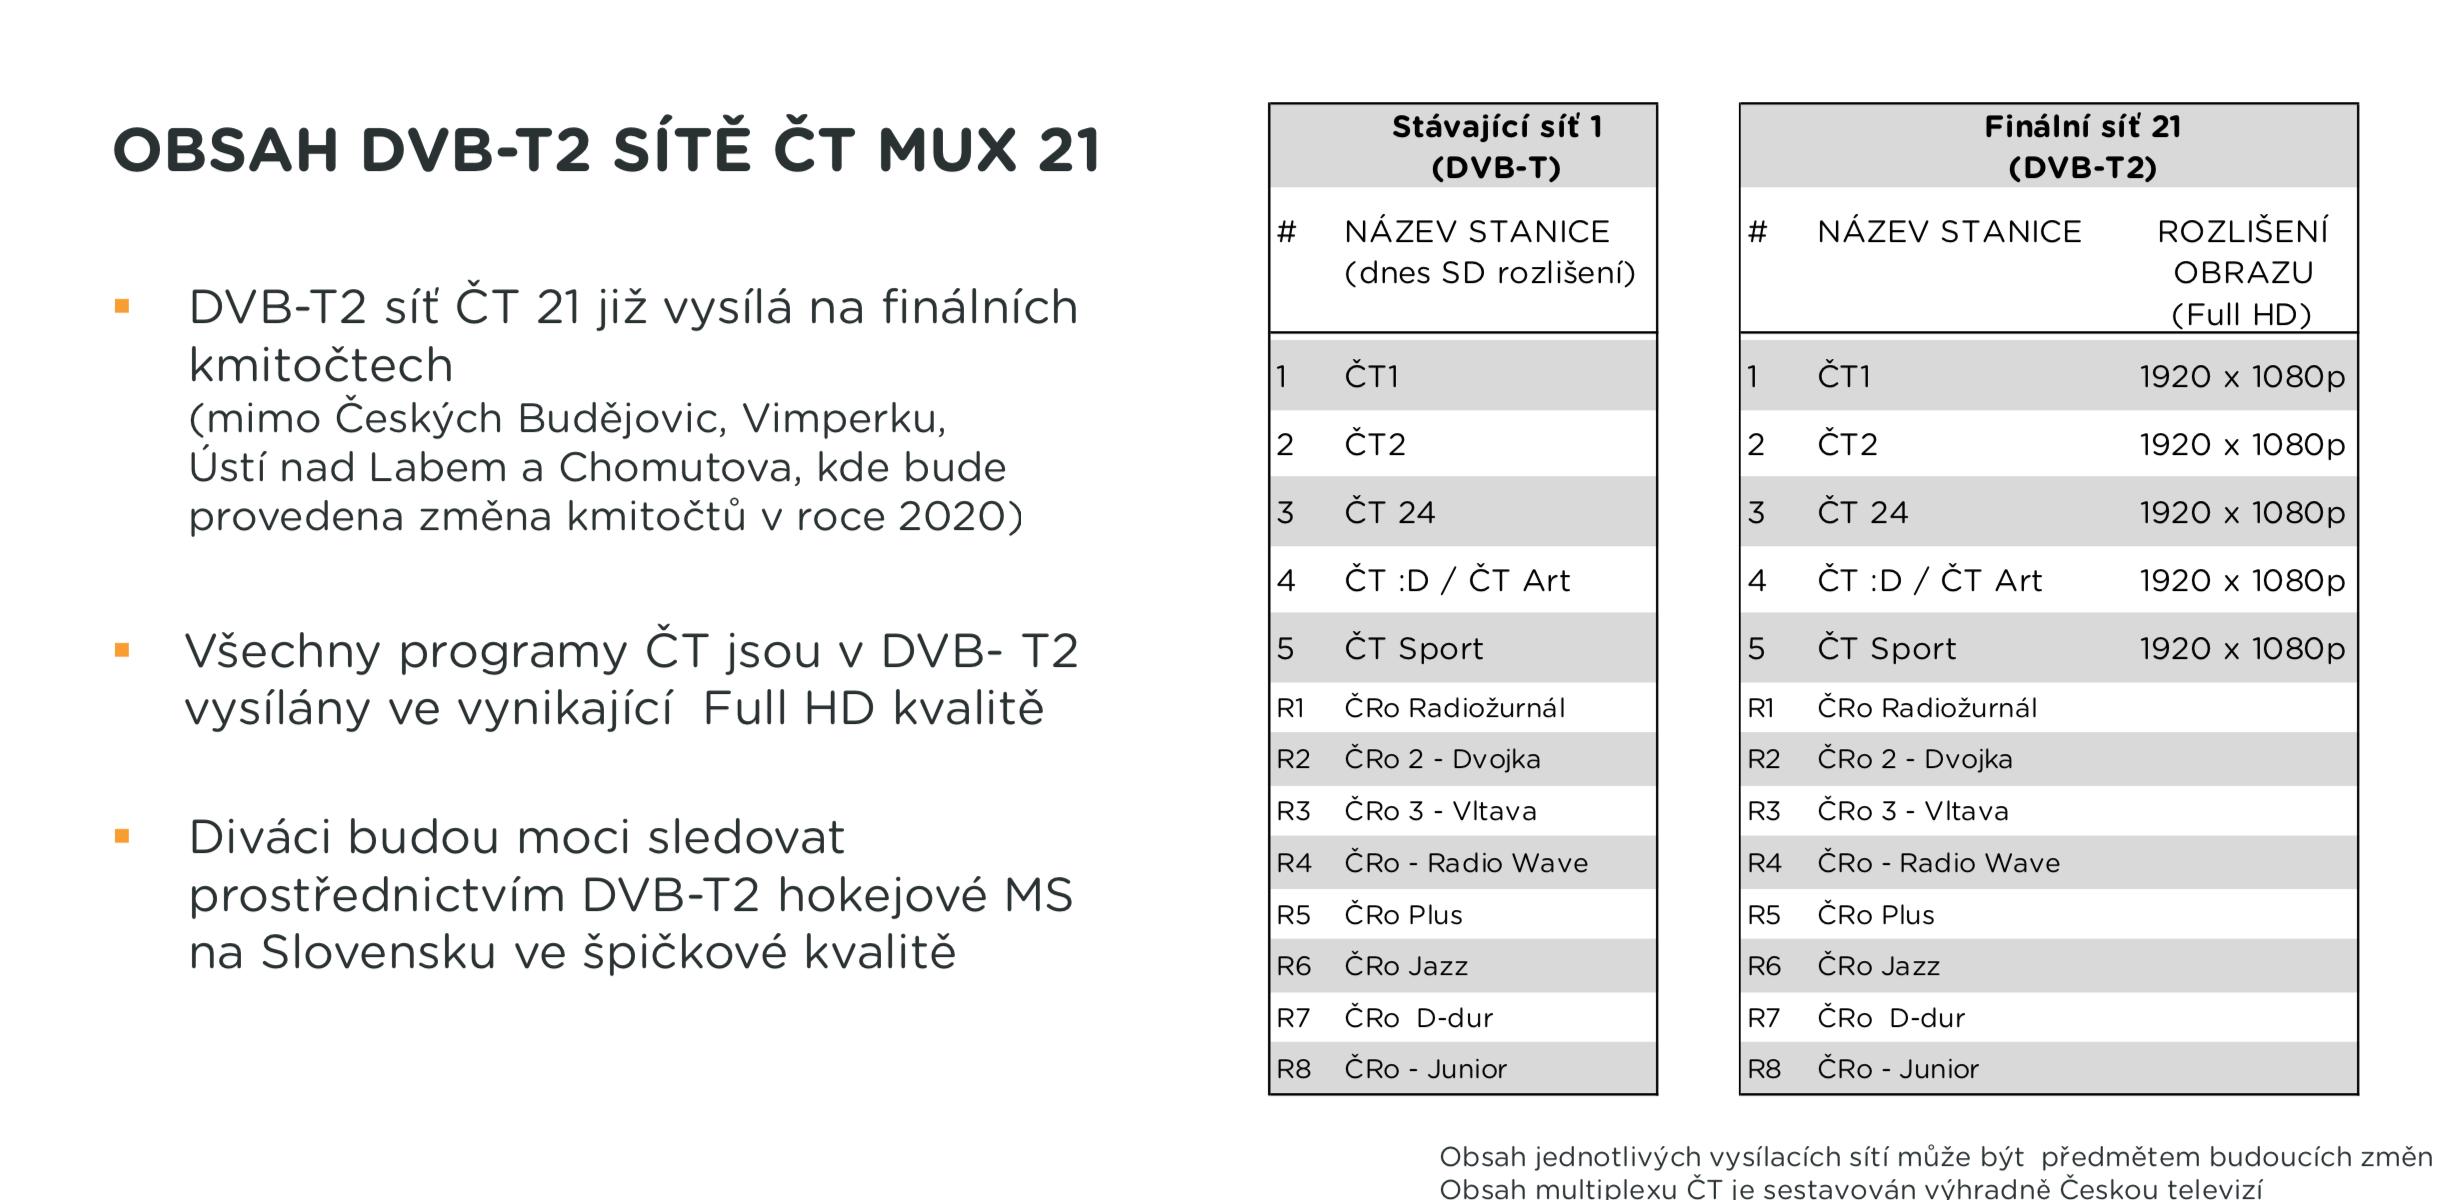 Co v DVB-t2 přinese síť 21, veřejnoprávní multiplex